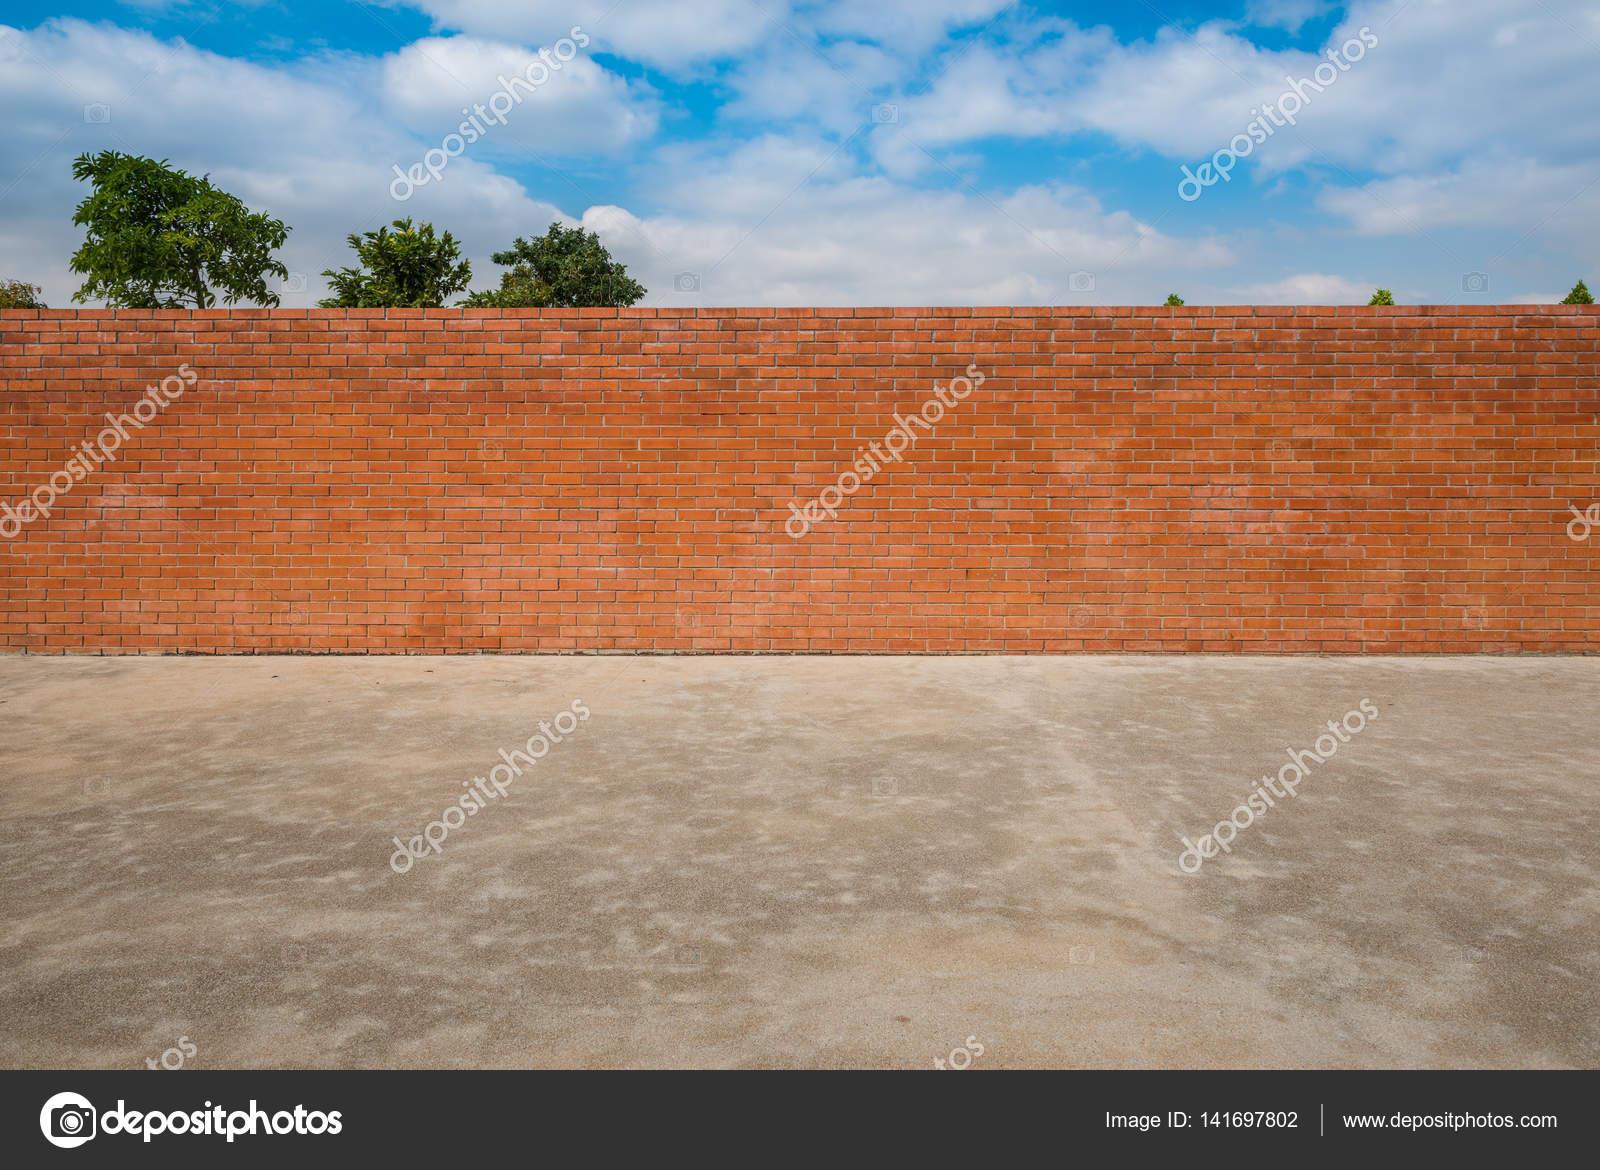 Dekorative Ziegelmauer - linearsystem.co - Home Design Ideen und Bilder.